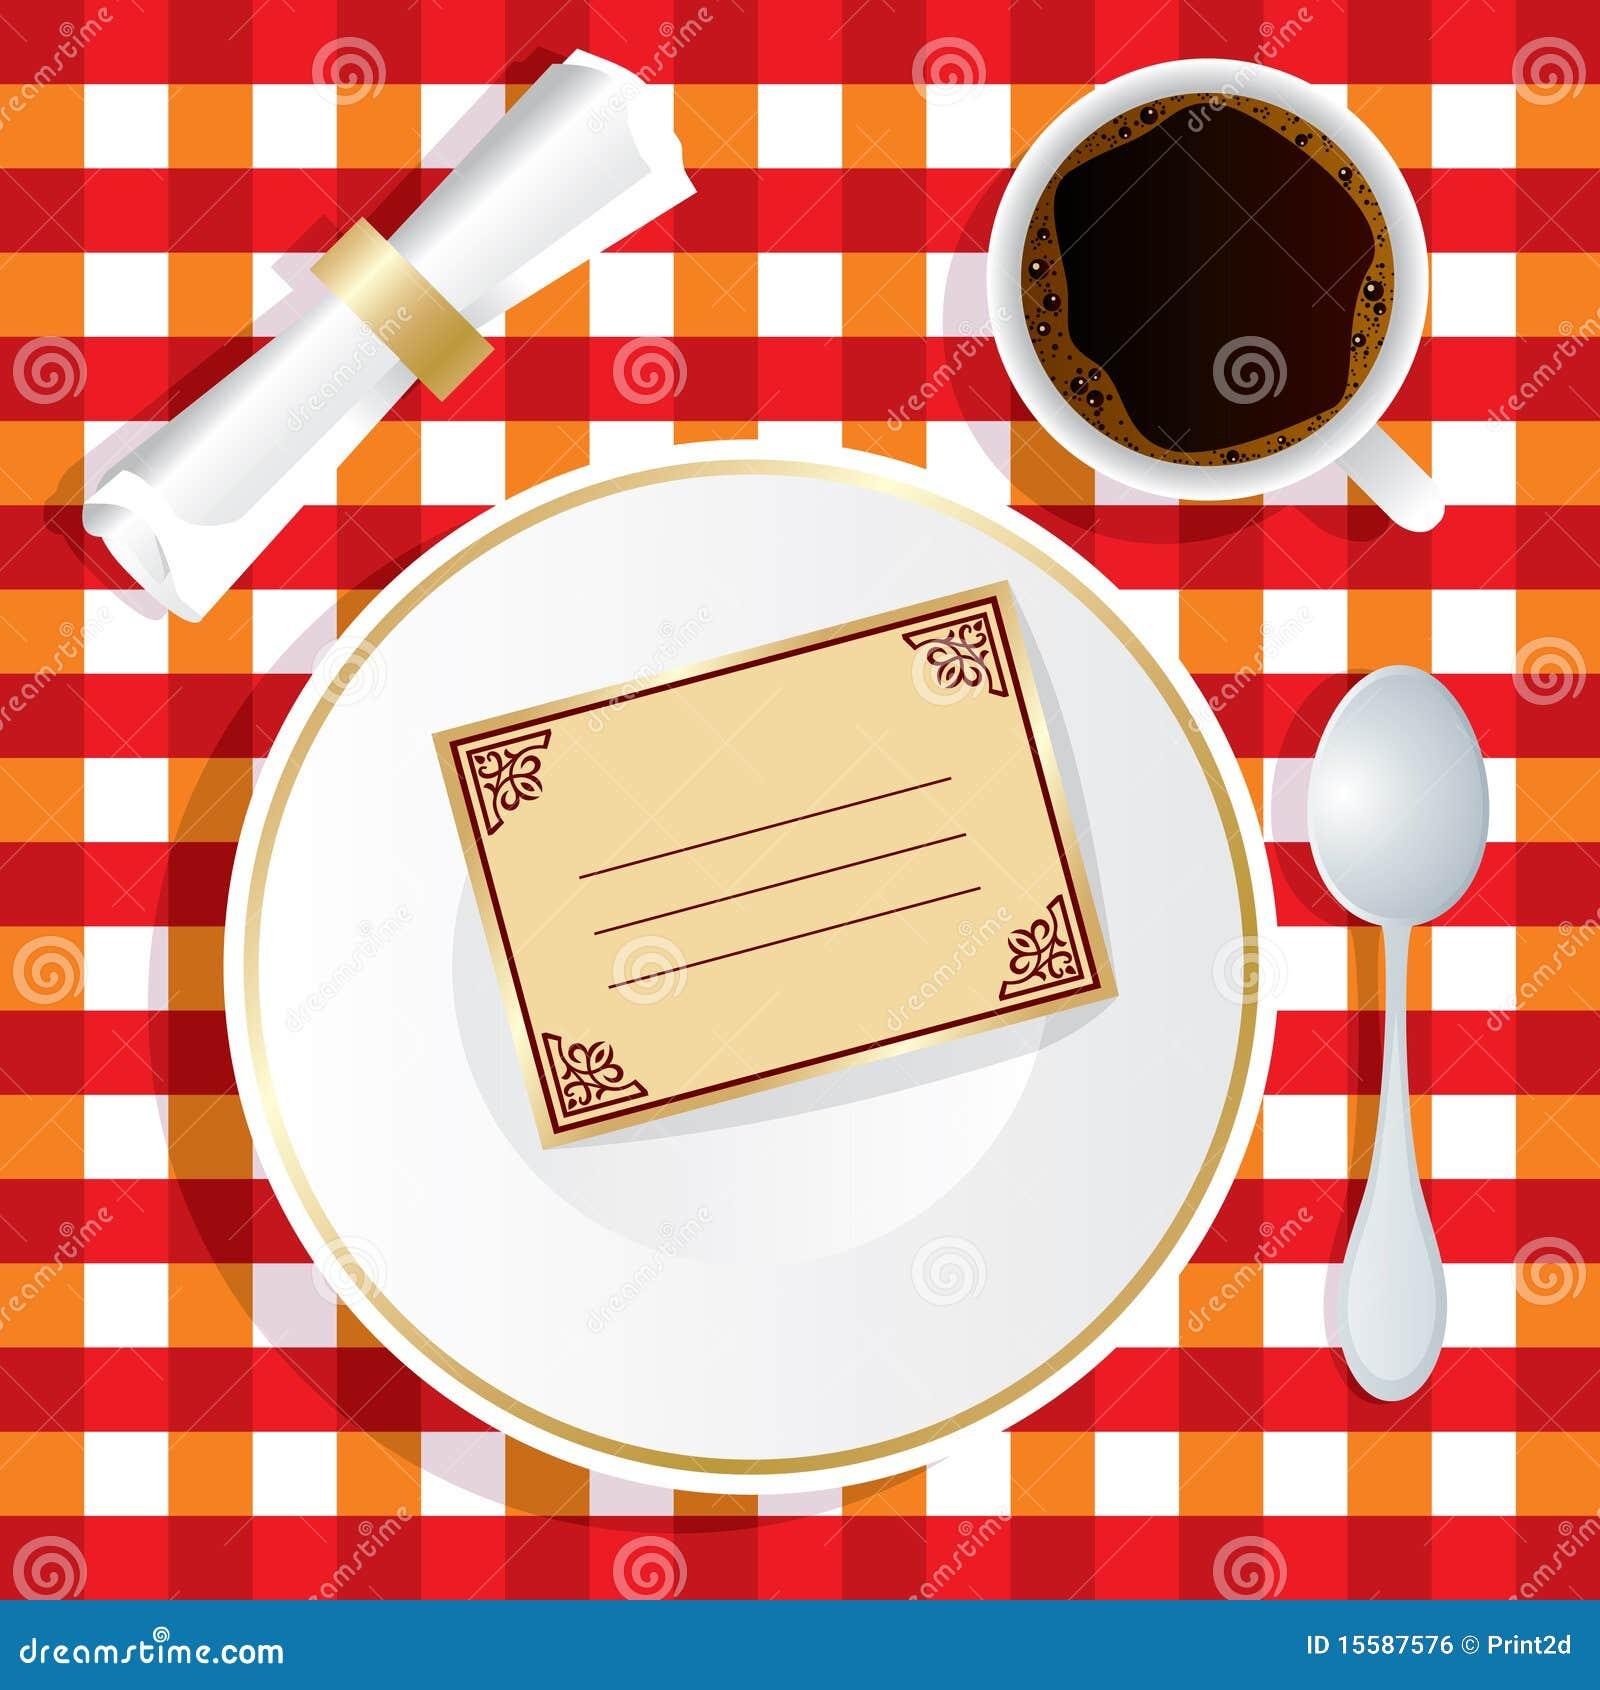 Uitnodiging Voor Lunch Royalty-vrije Stock Afbeelding ...